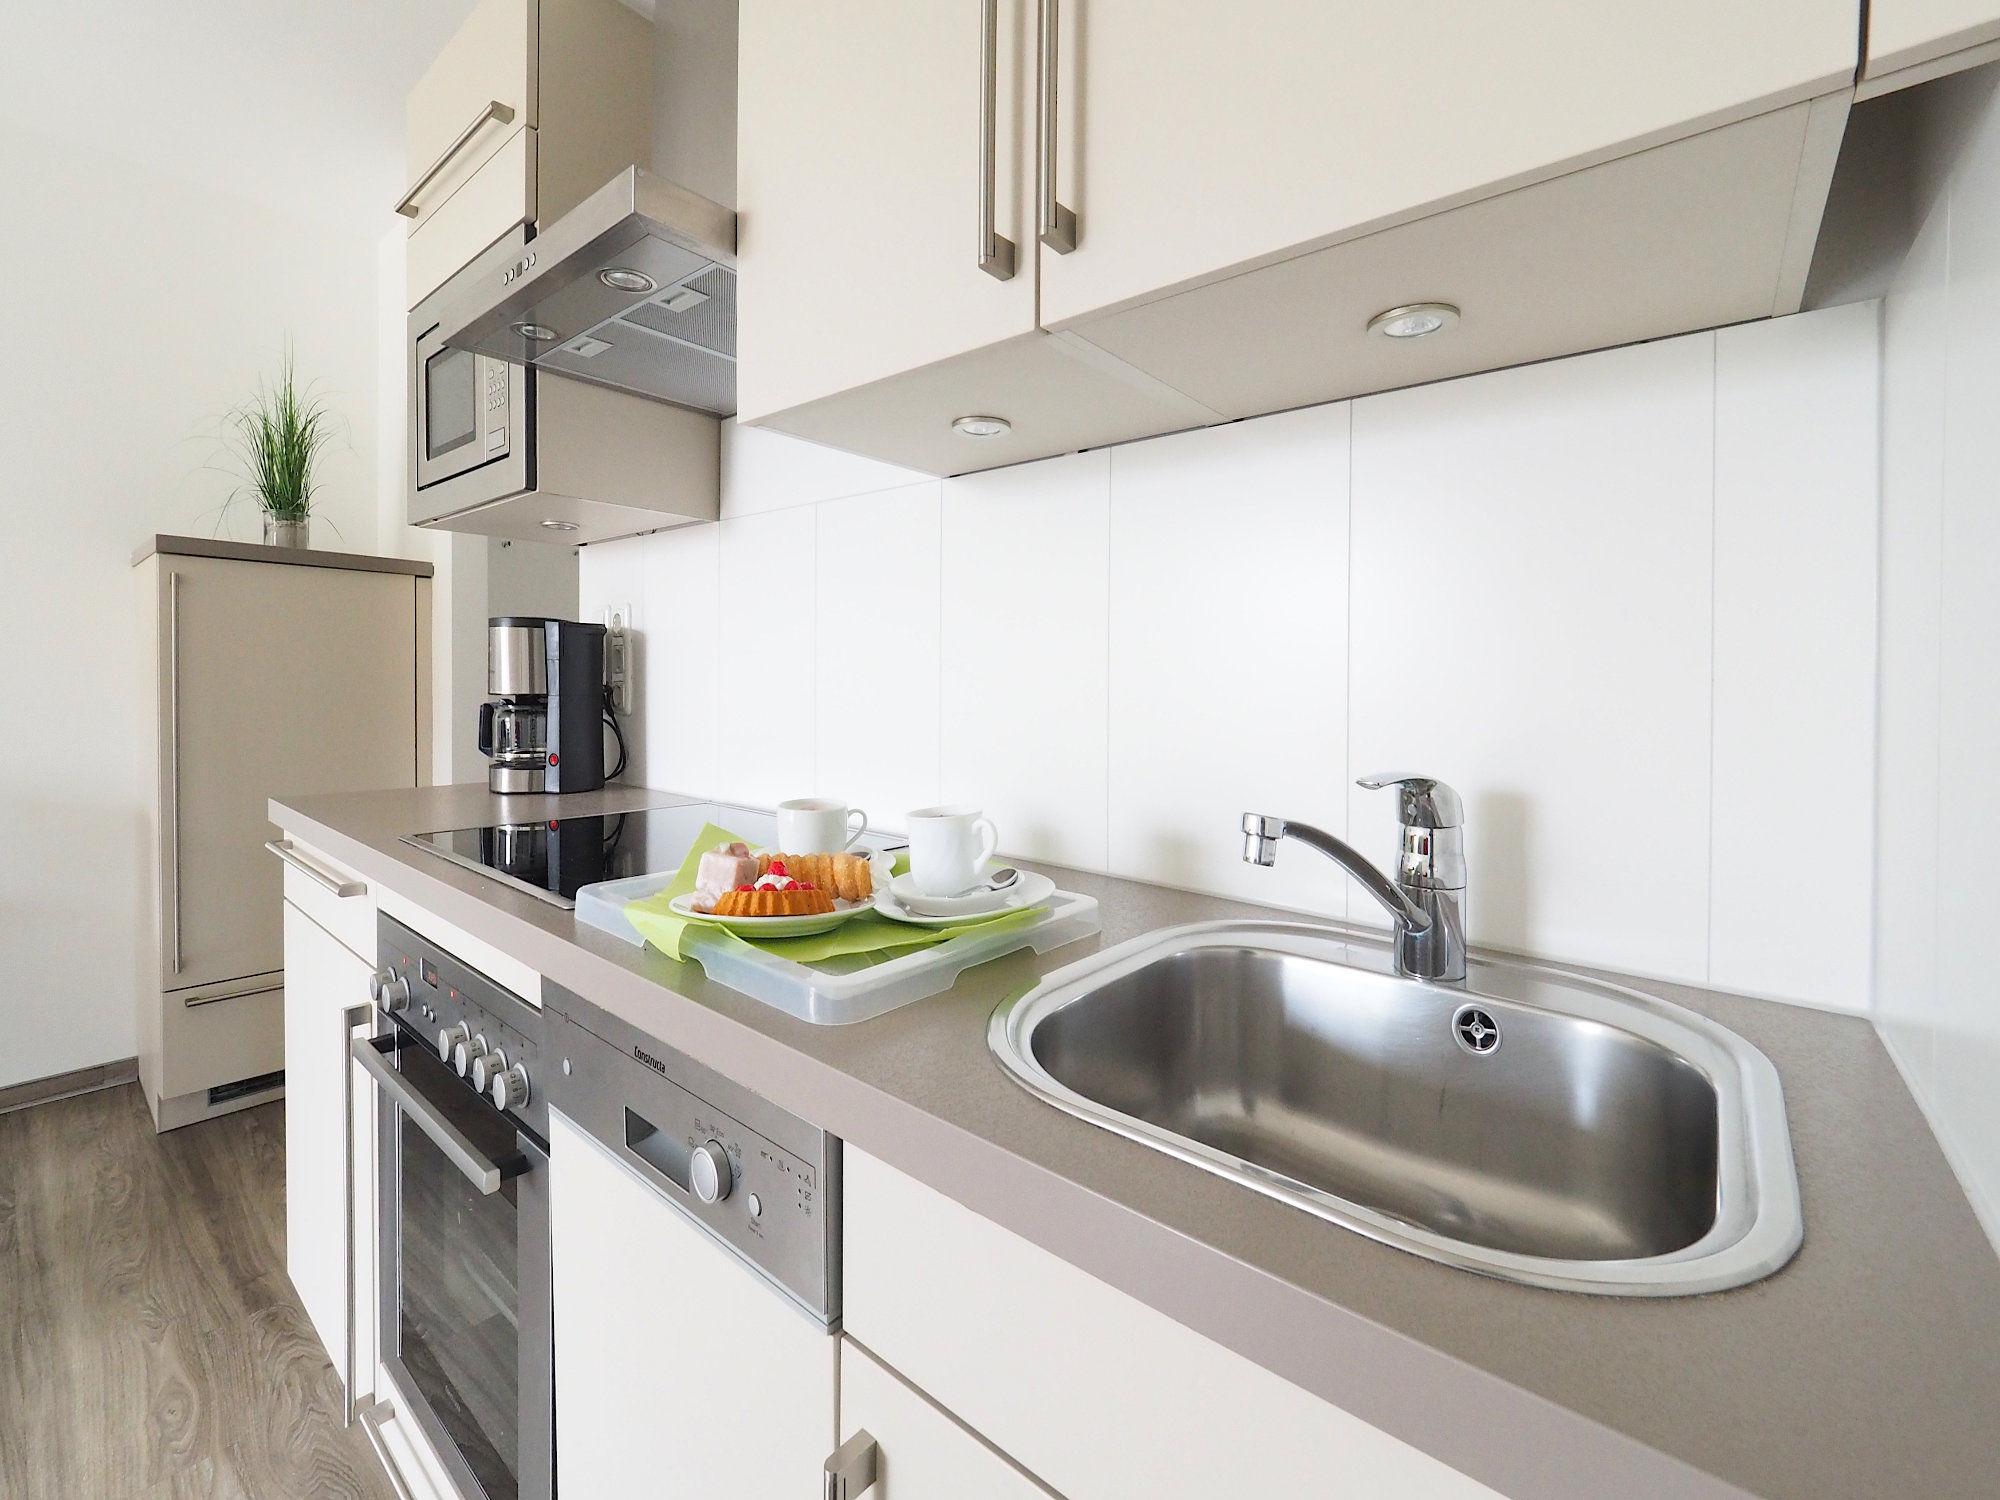 moderne Küchenzeile mit Spüle und Geschirrspüler